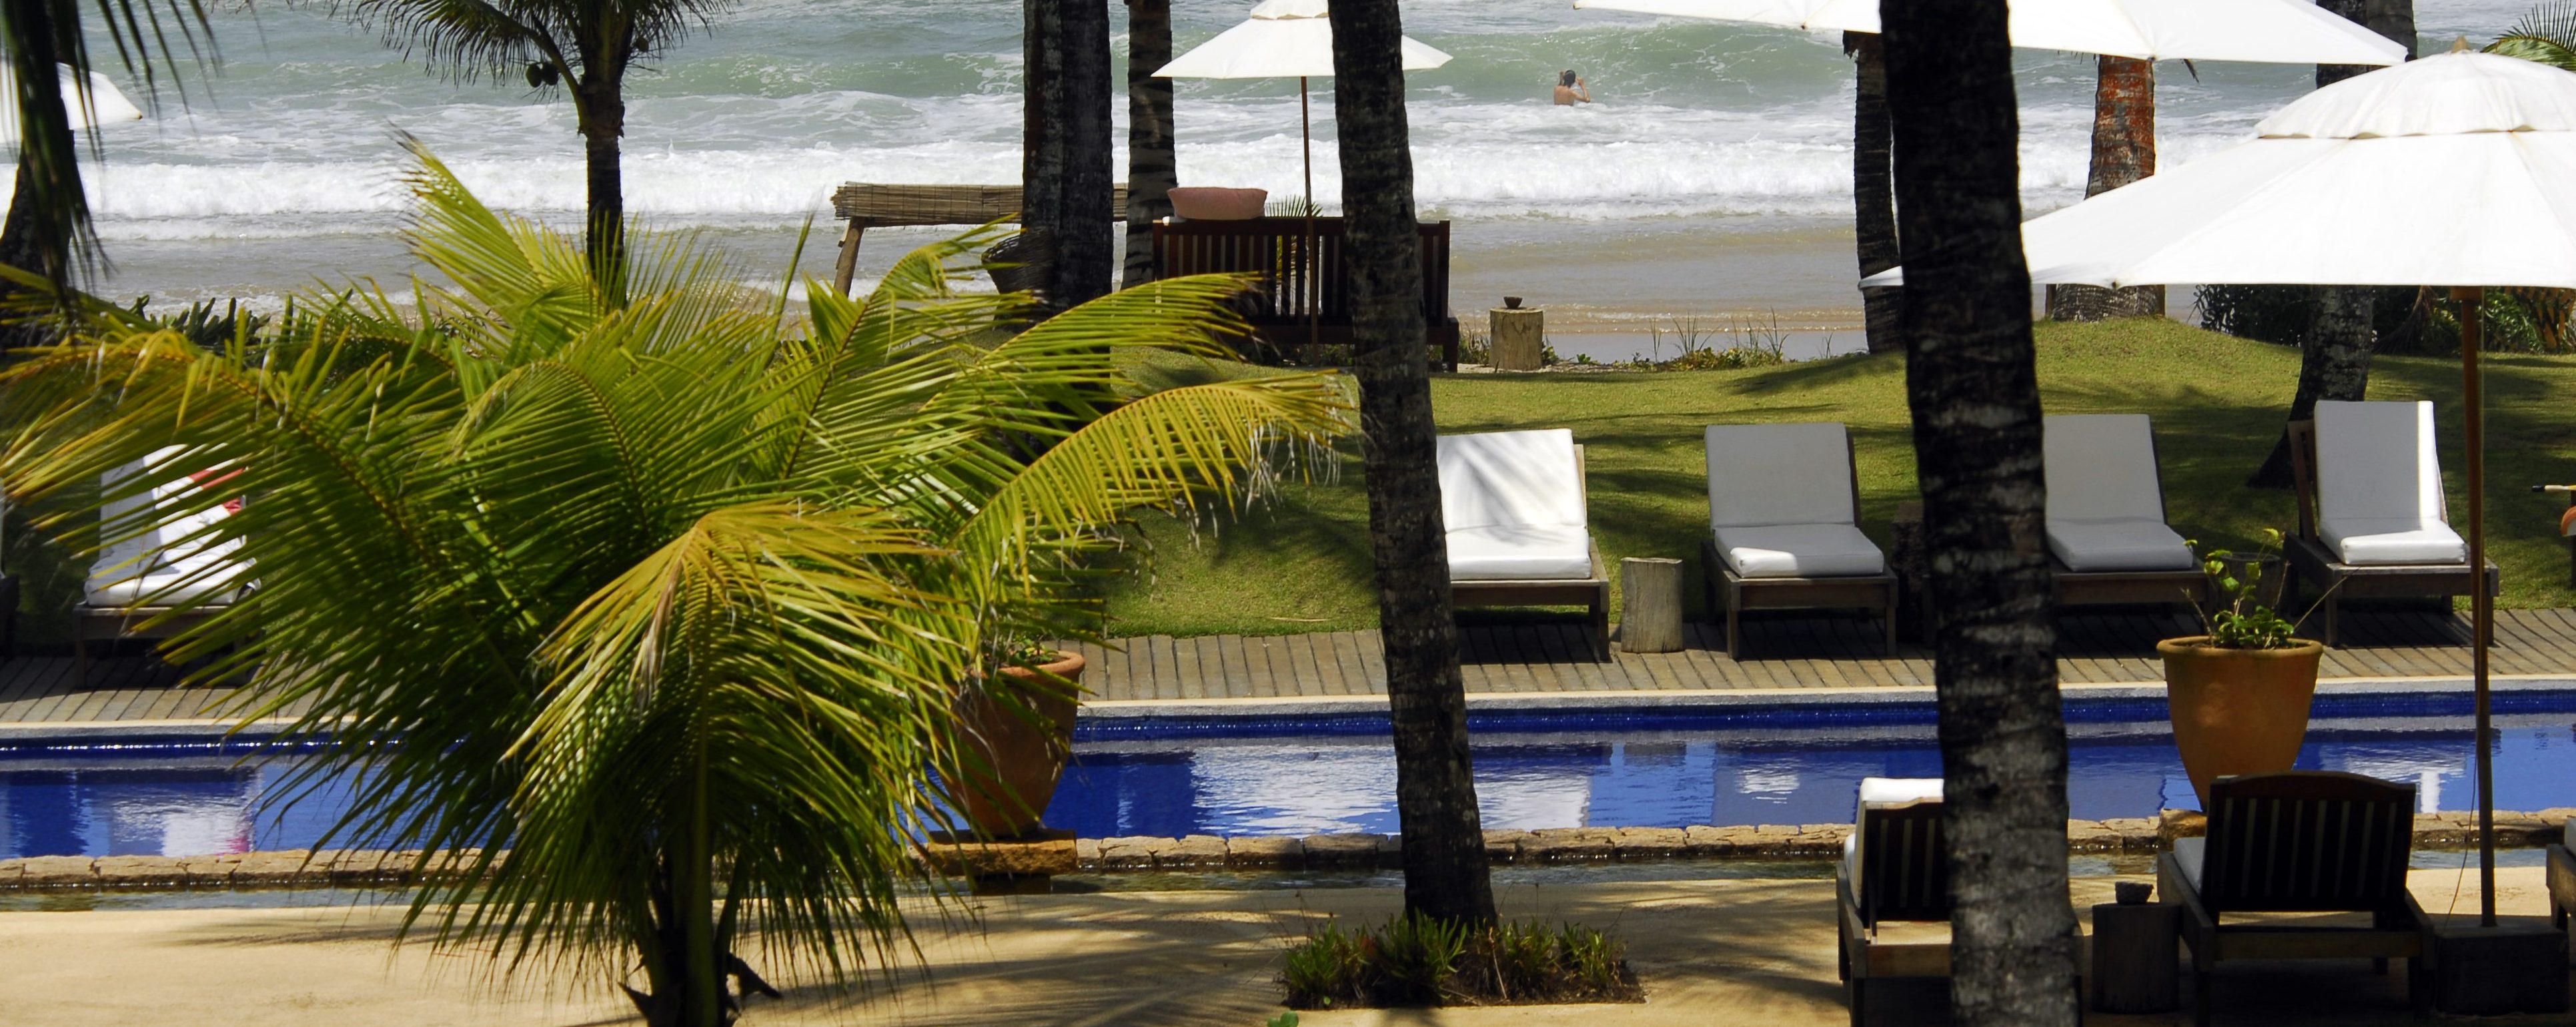 Txai Itacare Resort Tour